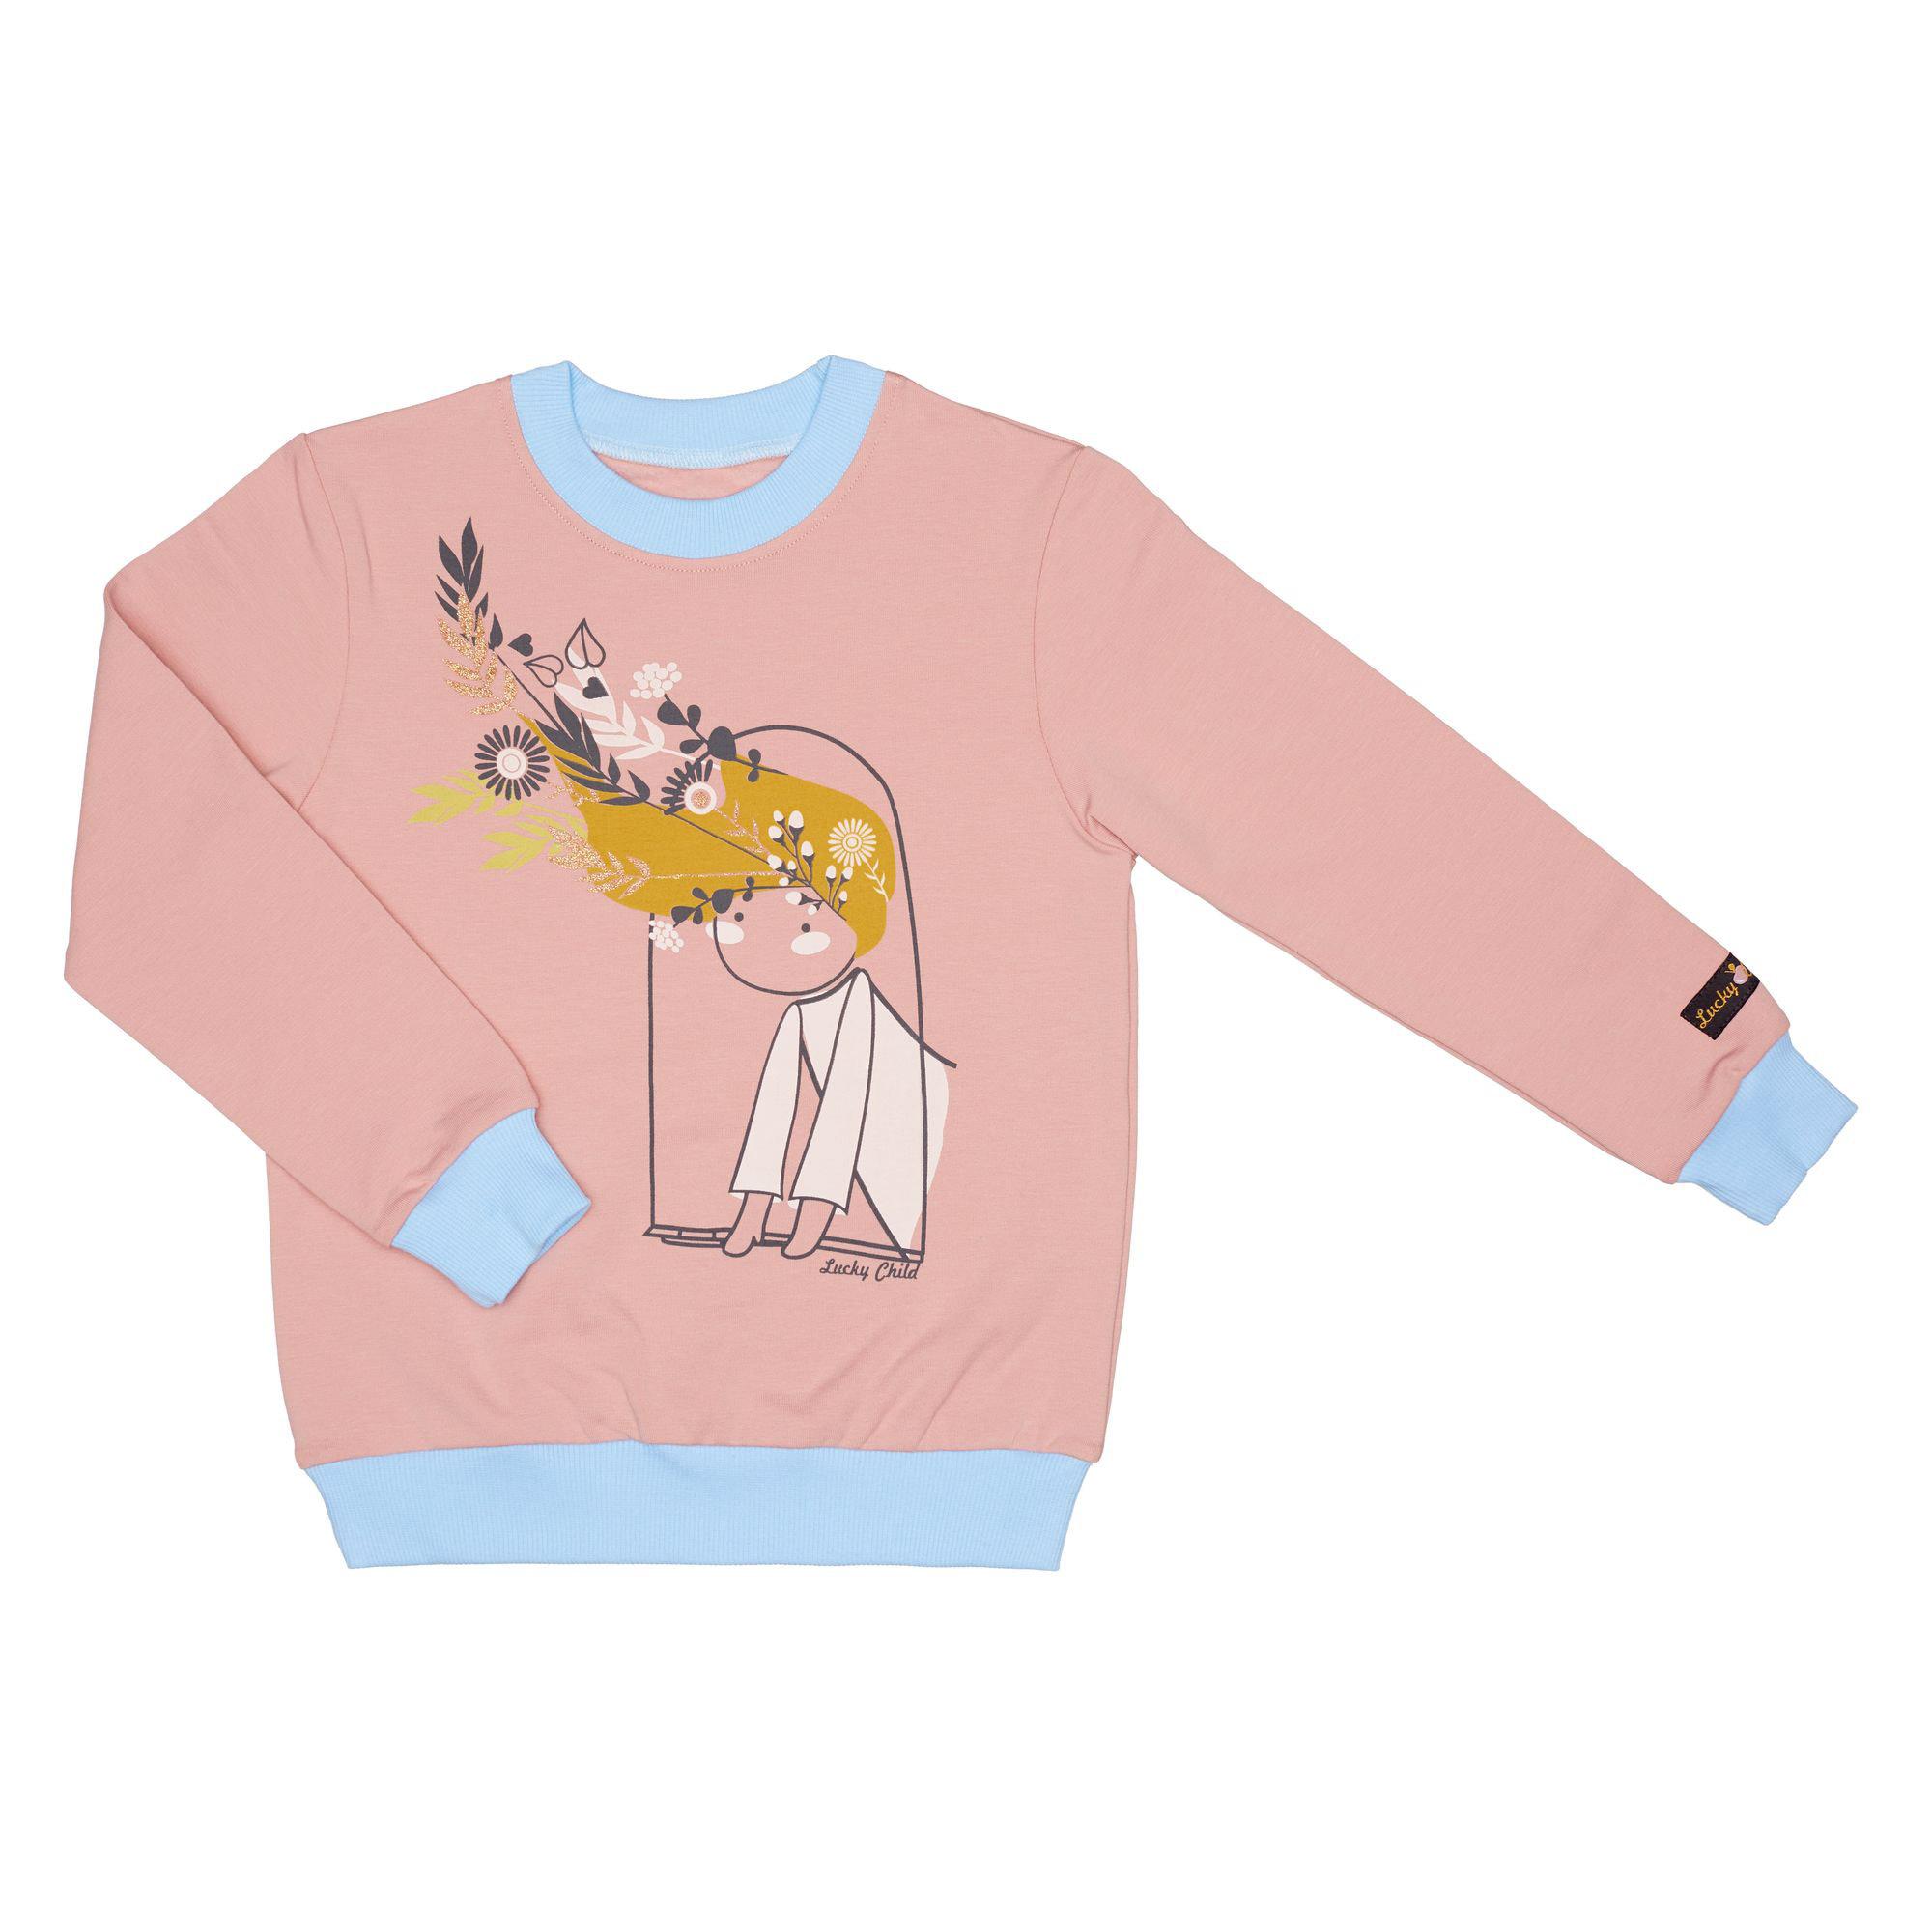 Купить Толстовка Lucky Child Осенний лес футер розовая 110-116, Розовый, Футер, Для девочек, Осень-Зима,